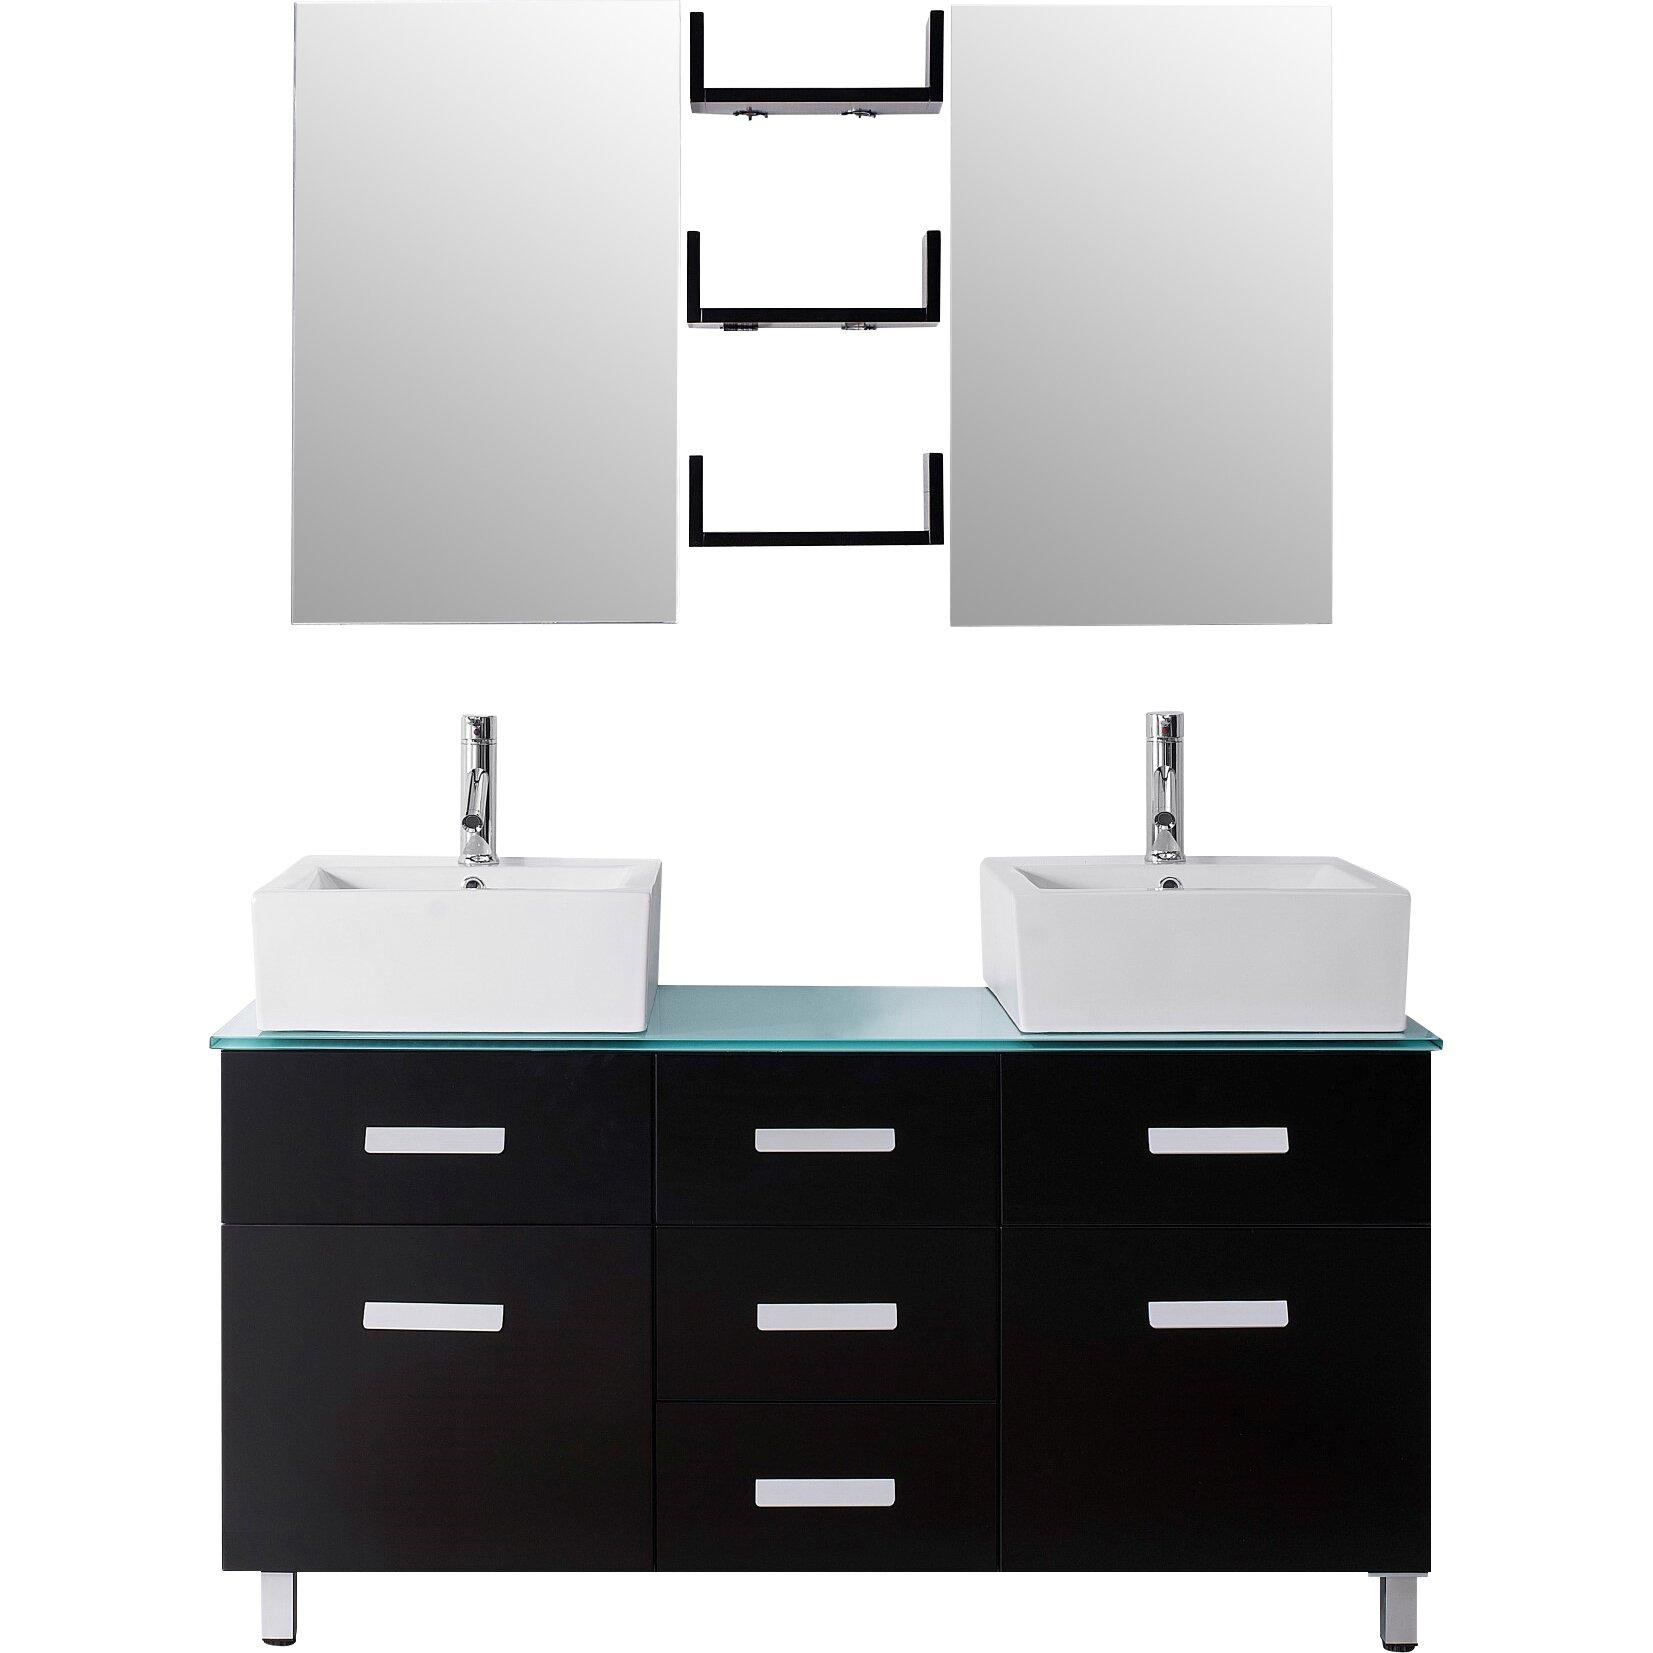 Virtu Ultra Modern Series 56 Double Bathroom Vanity Set